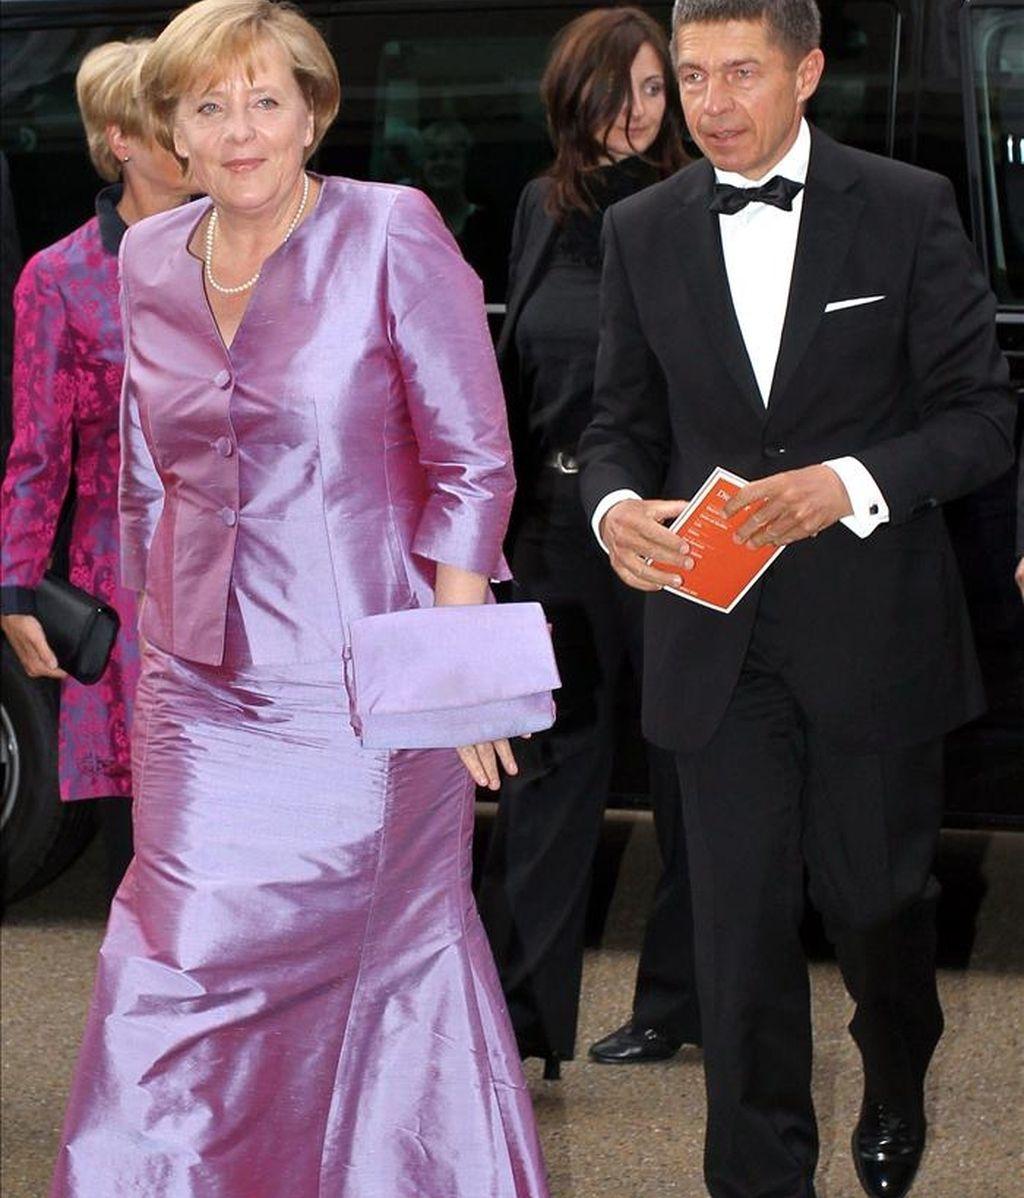 La canciller aleman, Angela Merkel (izq), acompañada de su marido Joachim Sauer (dcha), a su llegada al estreno de la ópera Electra en agosto de 2010, en el ámbito del Festival de Salzburgo (Austria). EFE/Archivo